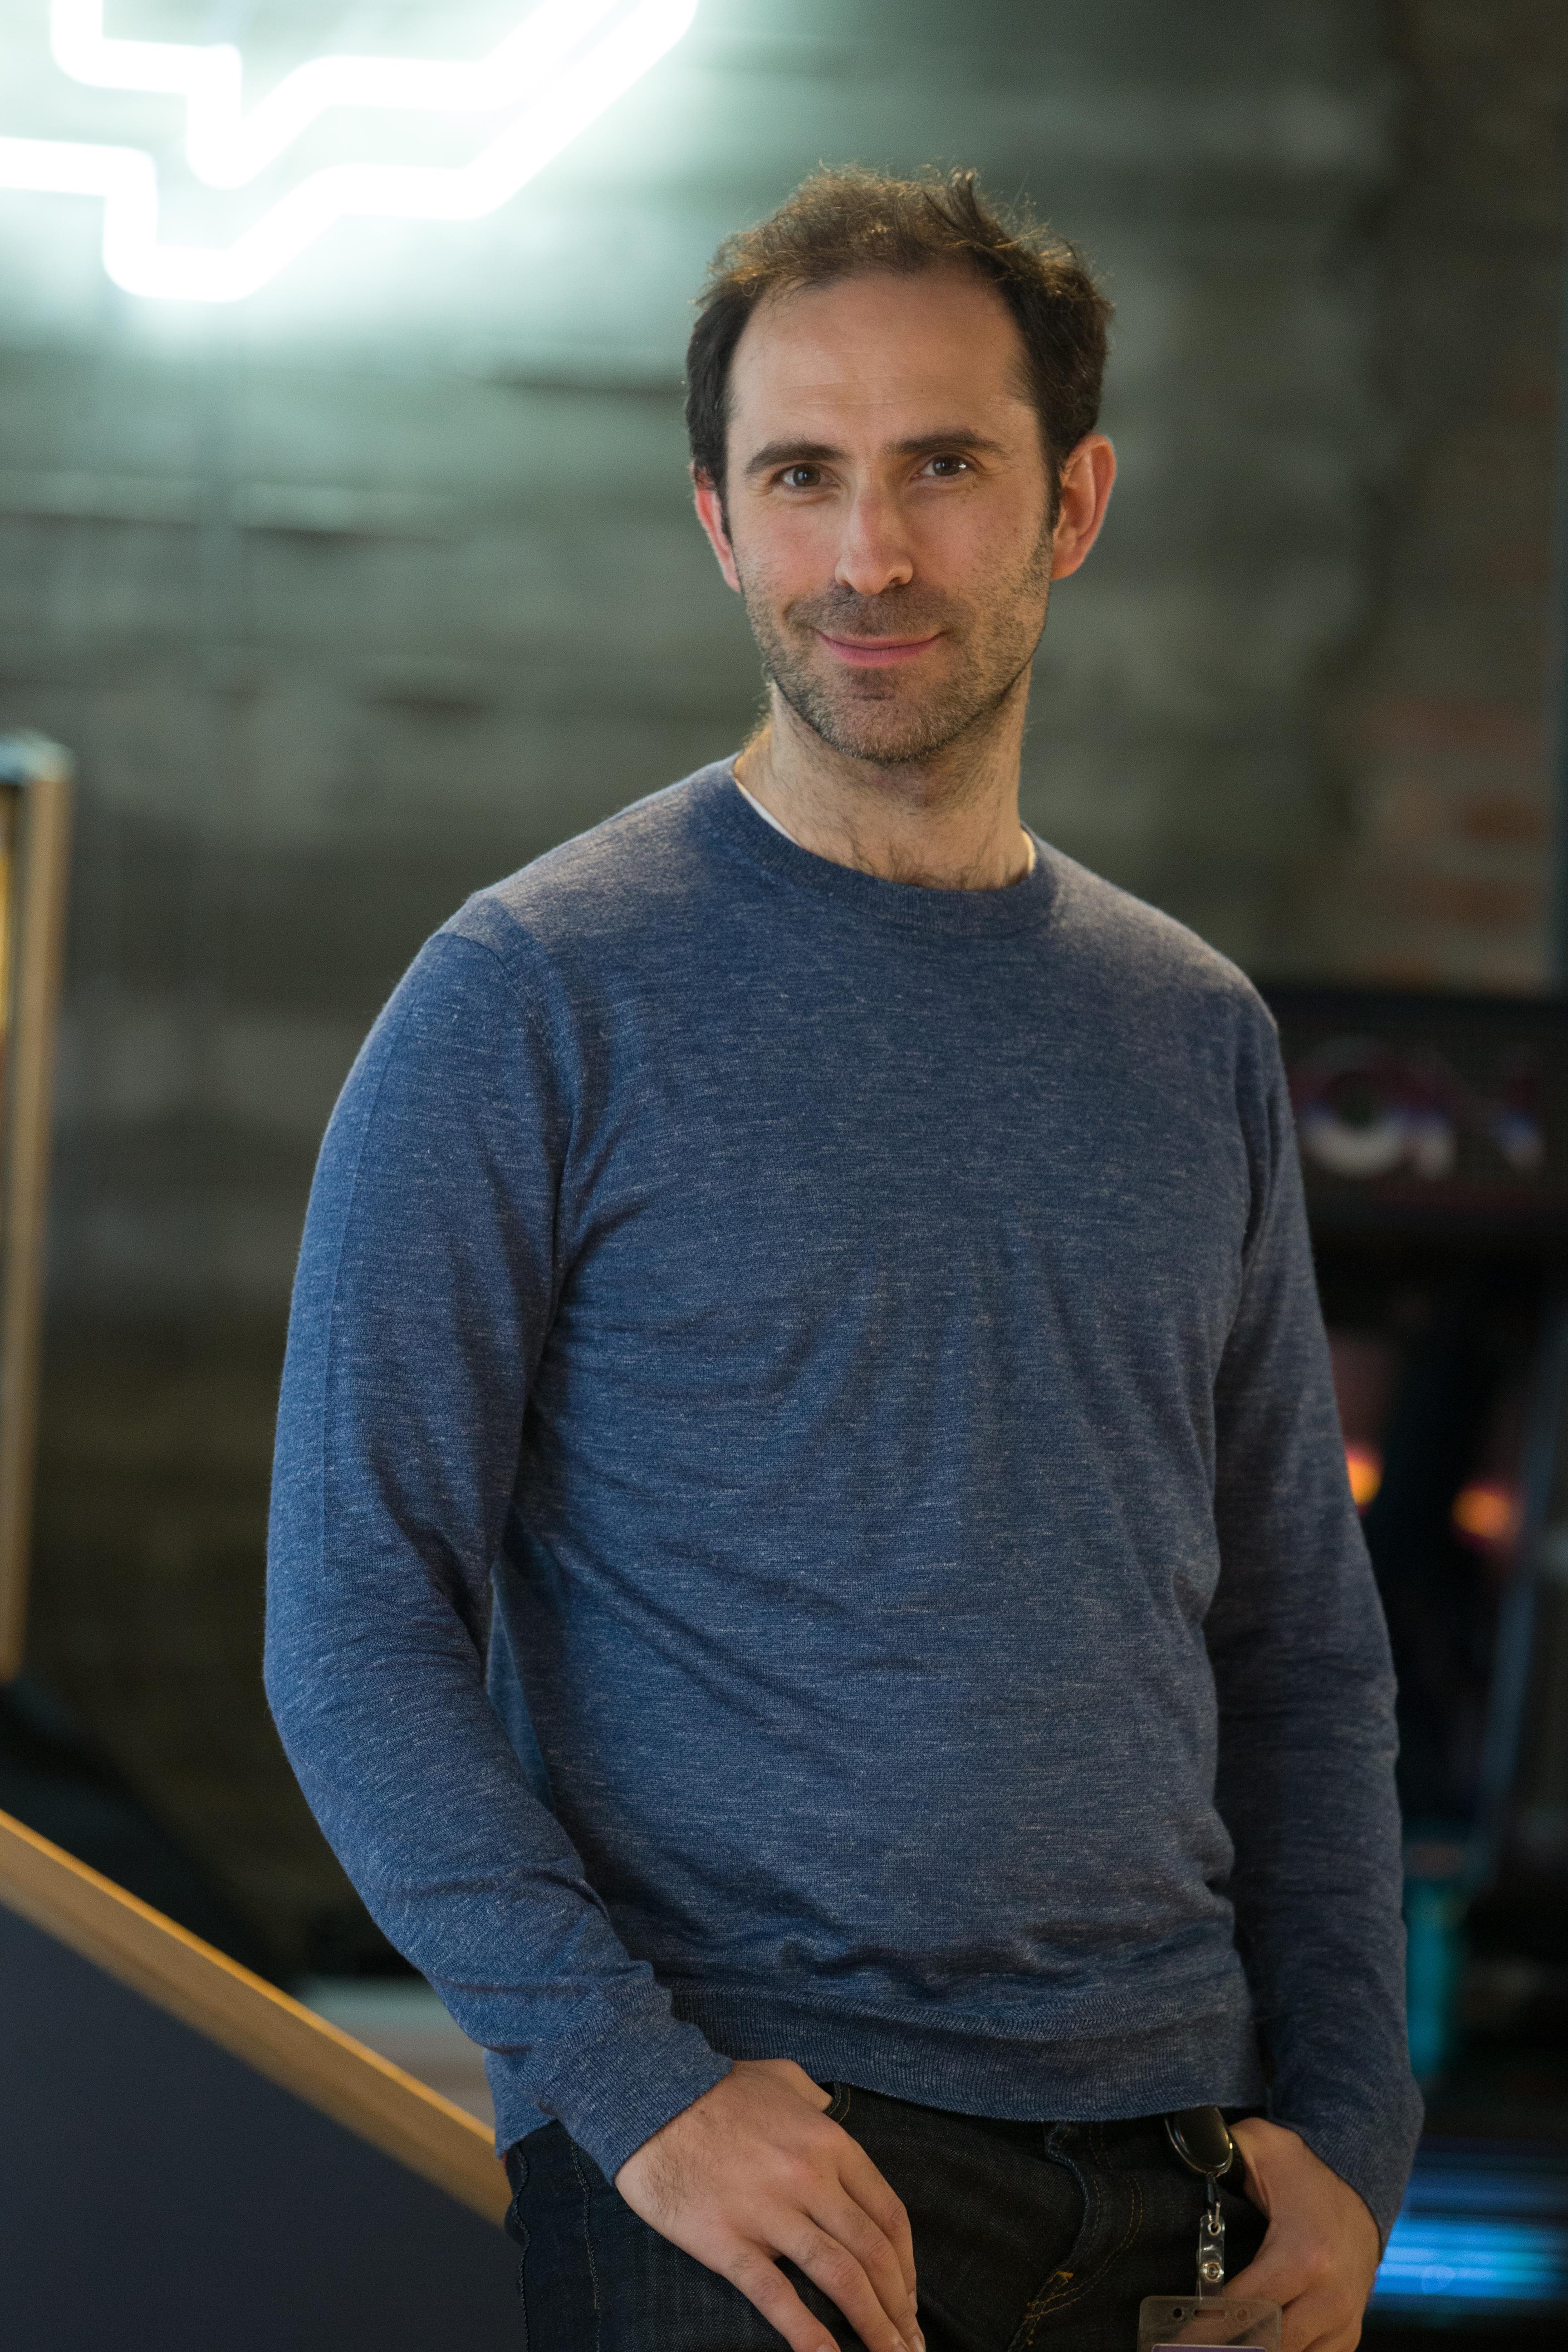 Twitch CEO Emmett Shear